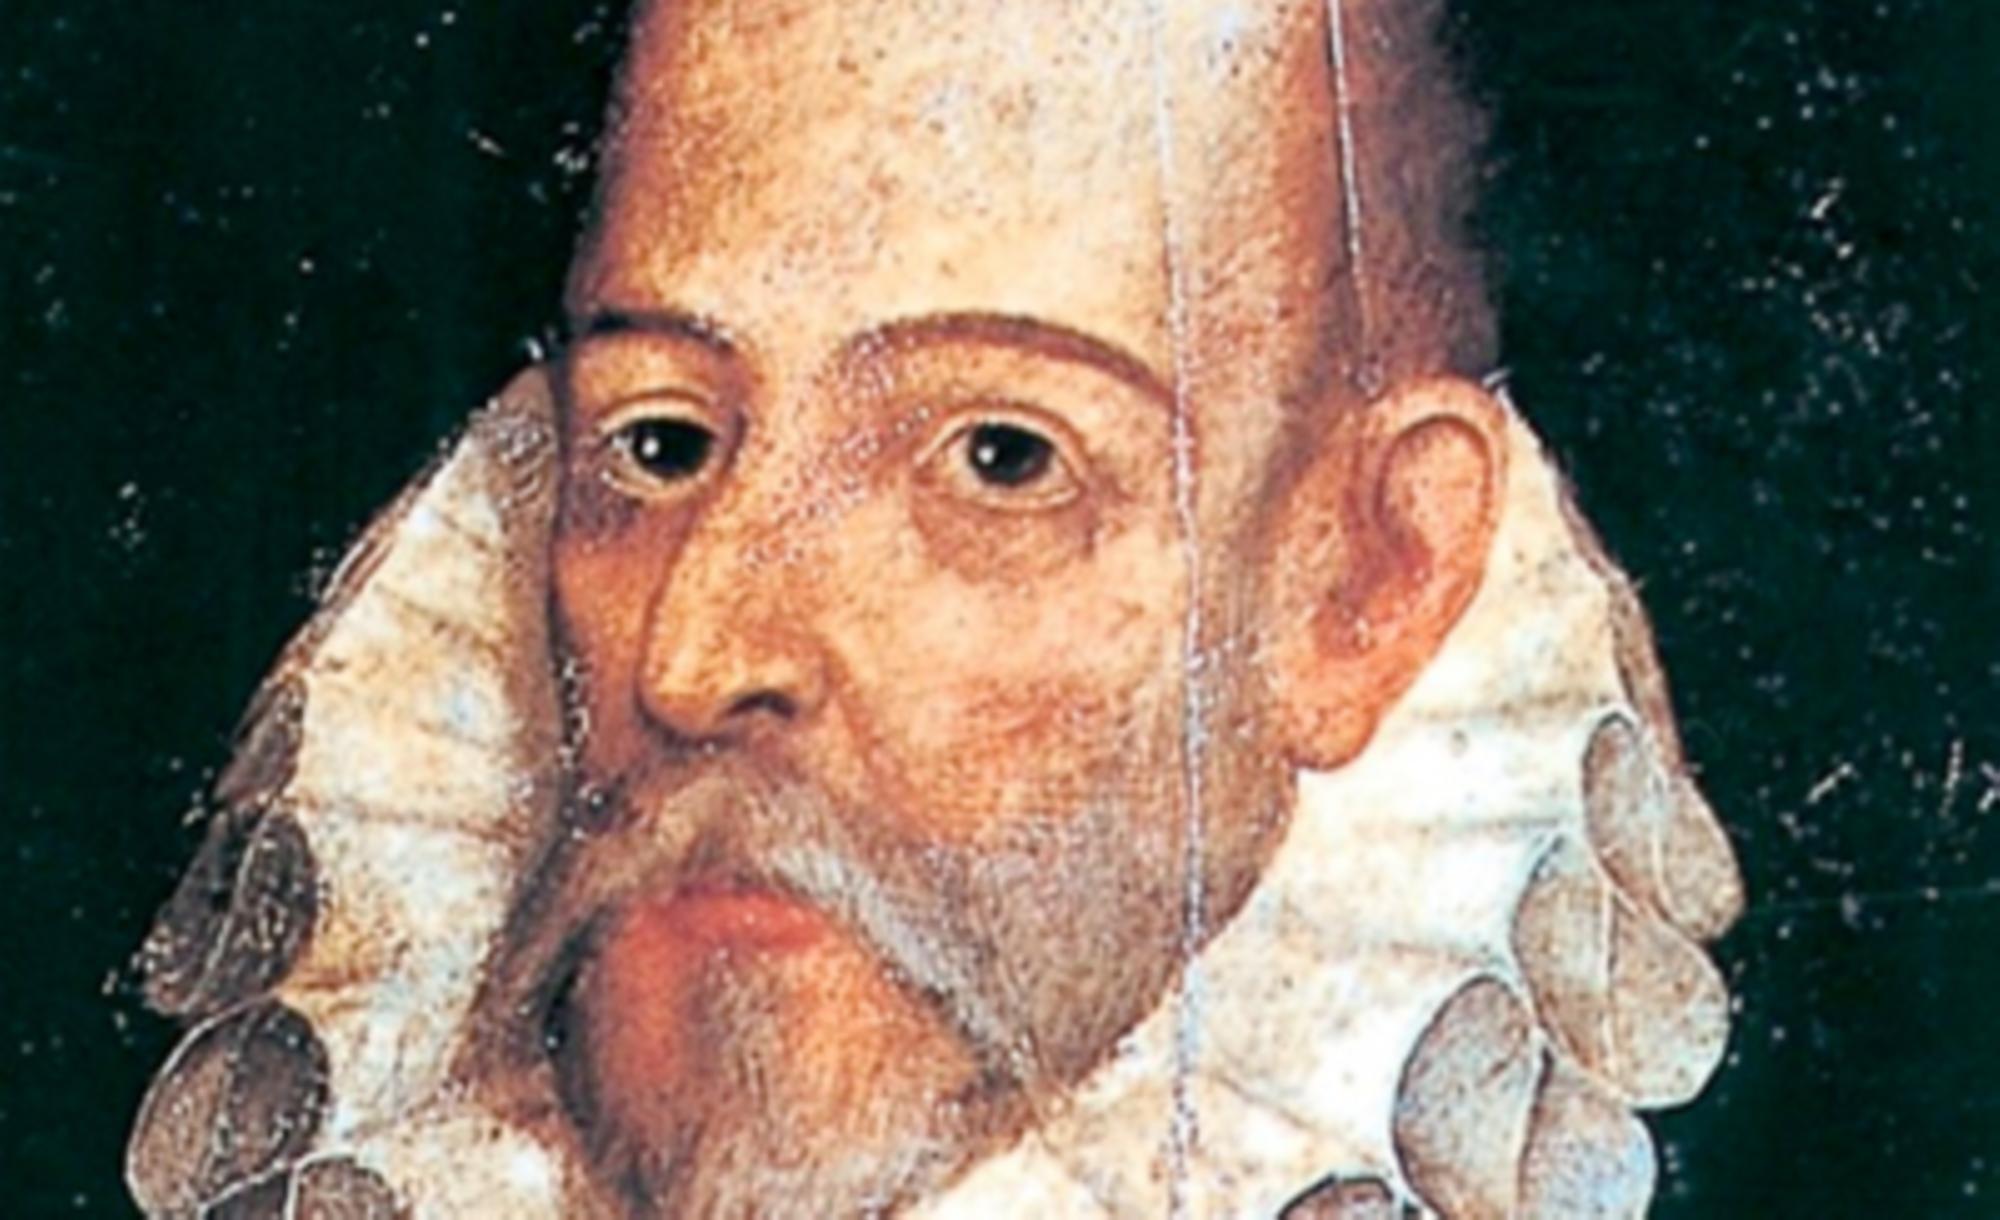 Miguel de Cervantes, auteur de Don Quichotte: portrait de Miguel de Cervantes, c'est un romancier, poète et dramaturge espagnol. Il est célèbre pour son roman L'Ingénieux Hidalgo Don Quichotte de la Manche, publié en 1605